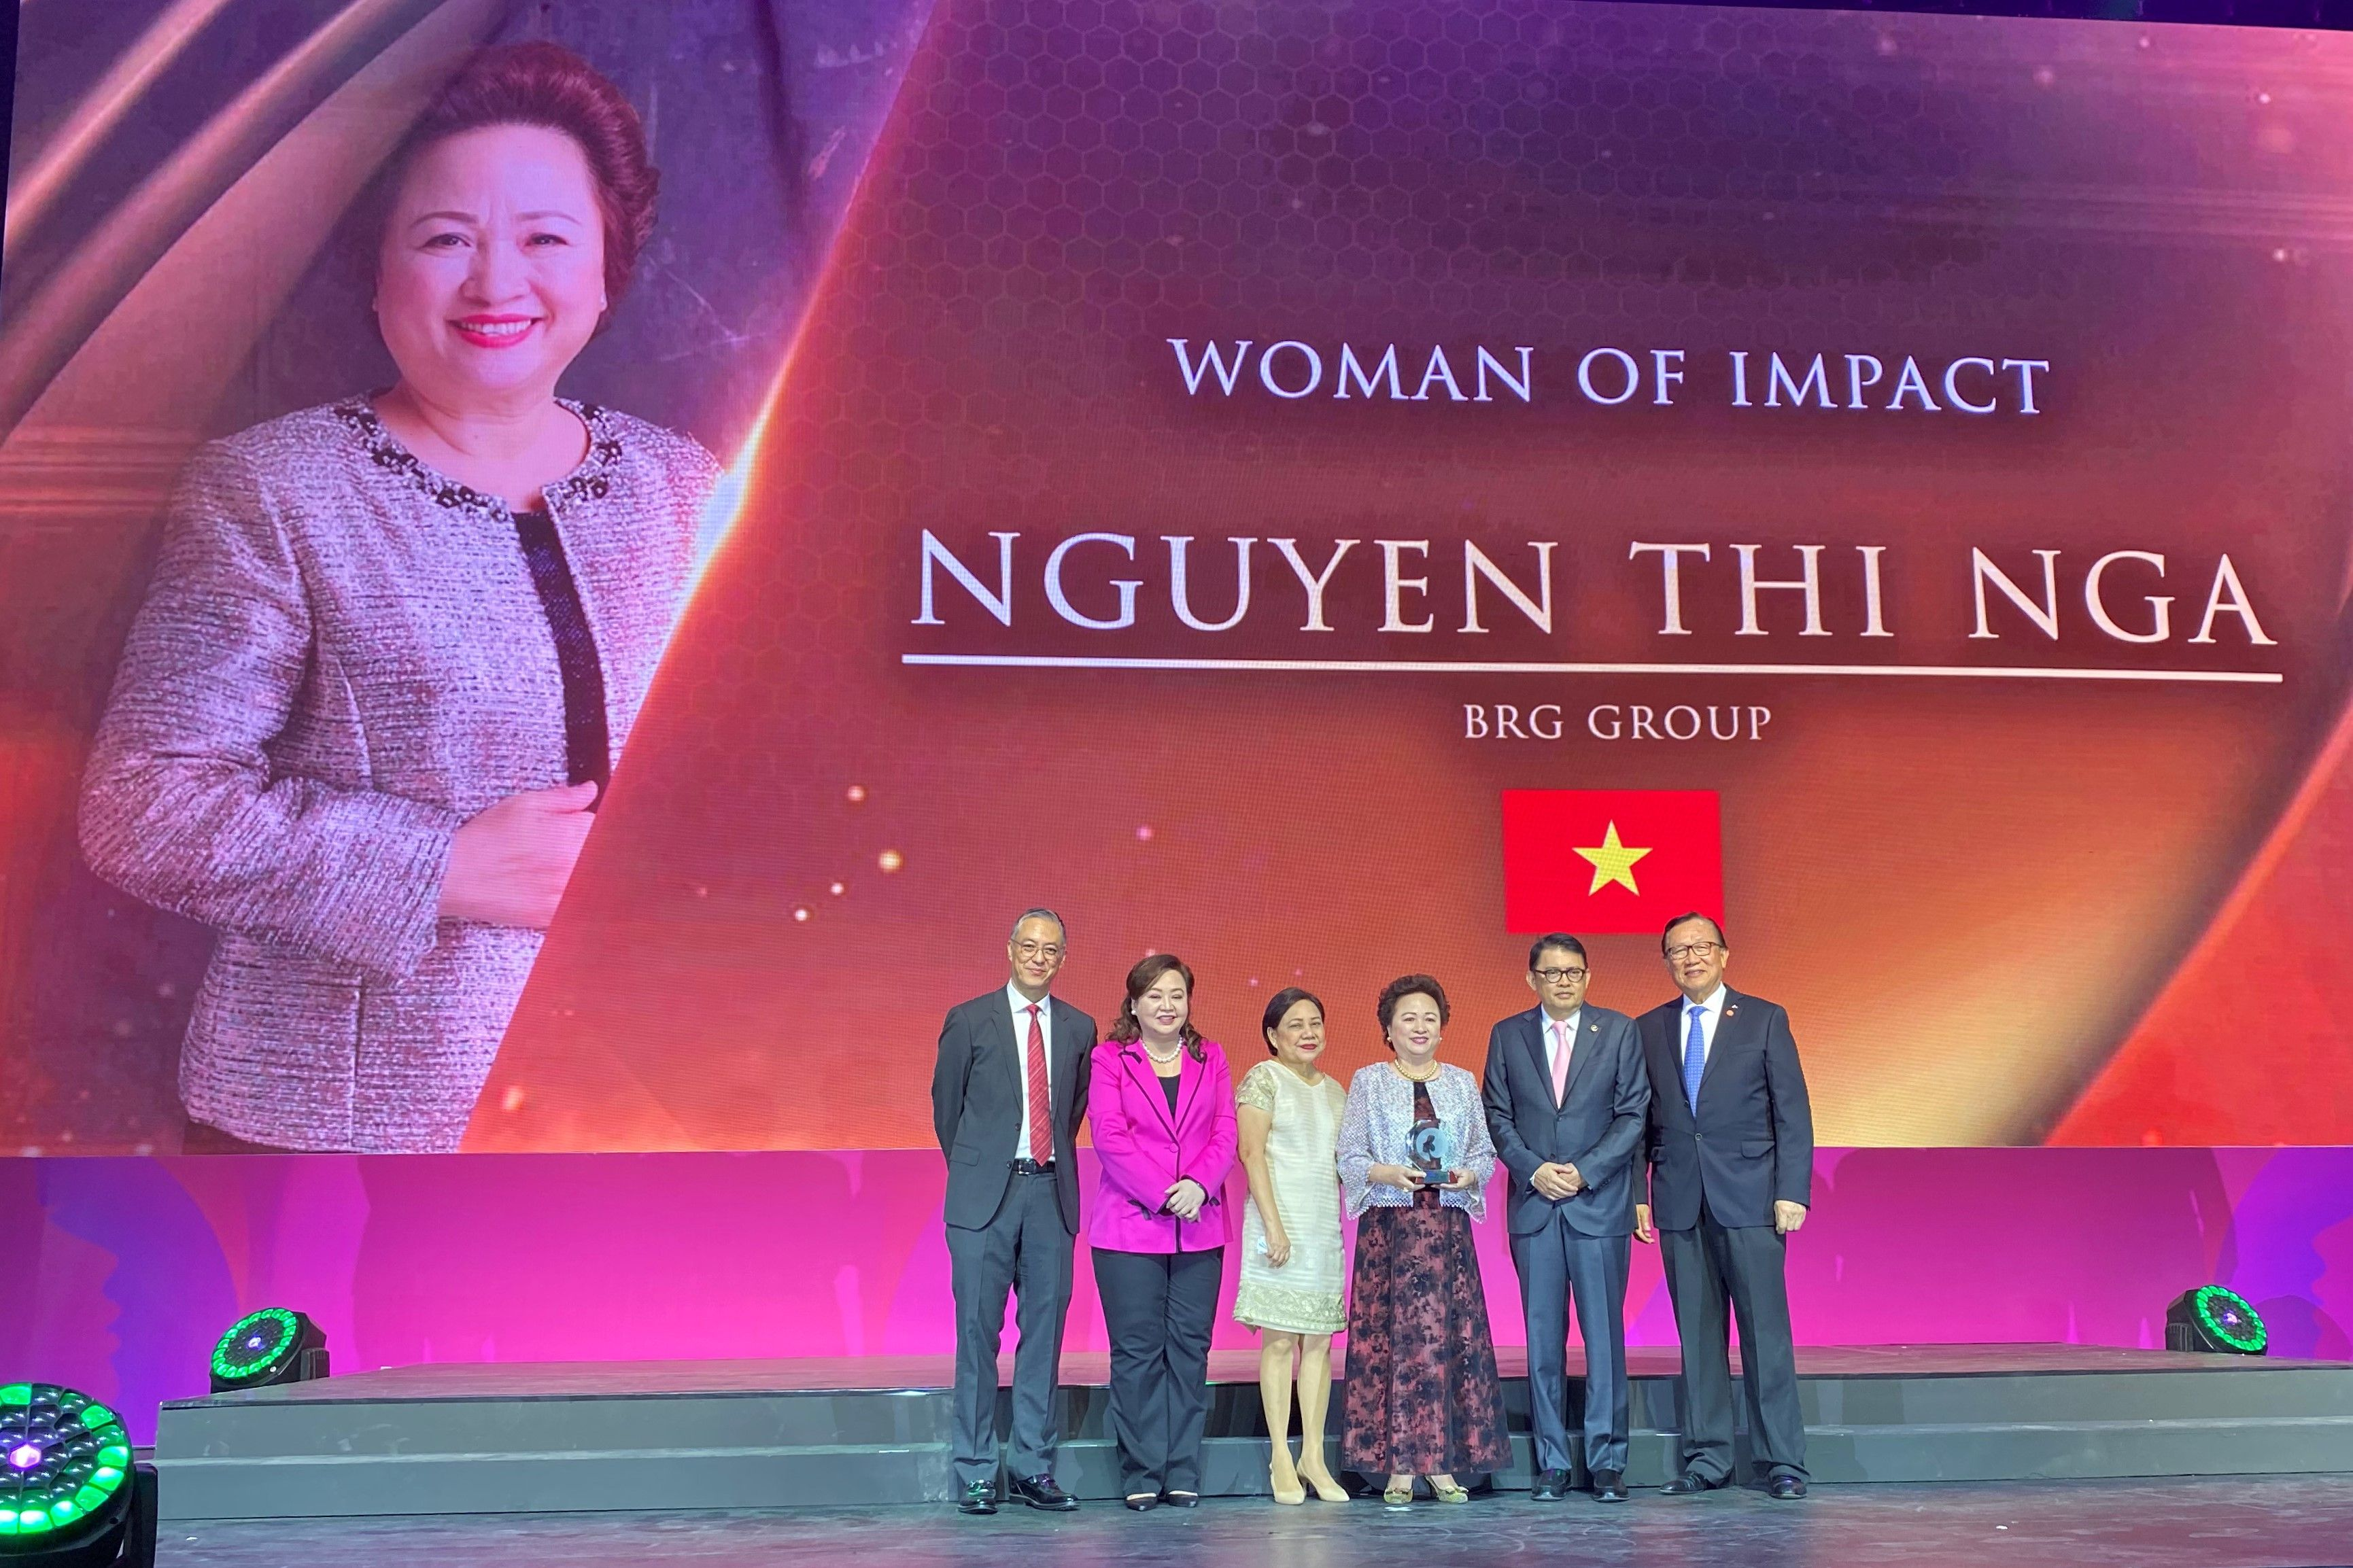 Doanh nhân Nguyễn Thị Nga thông tin tiểu sử